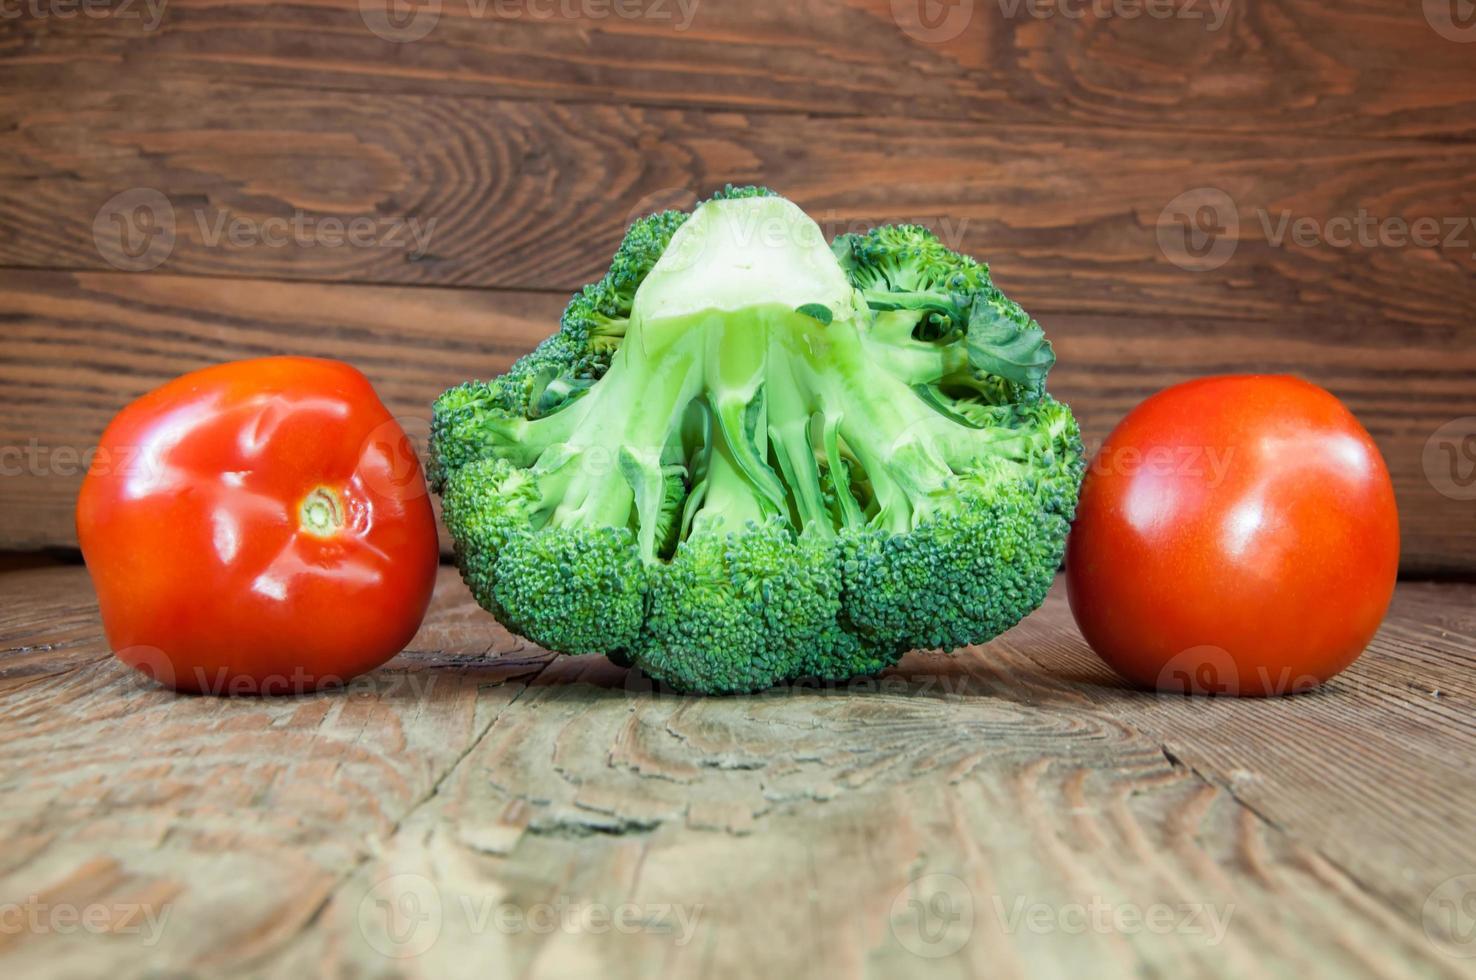 Broccoli and tomatoes photo